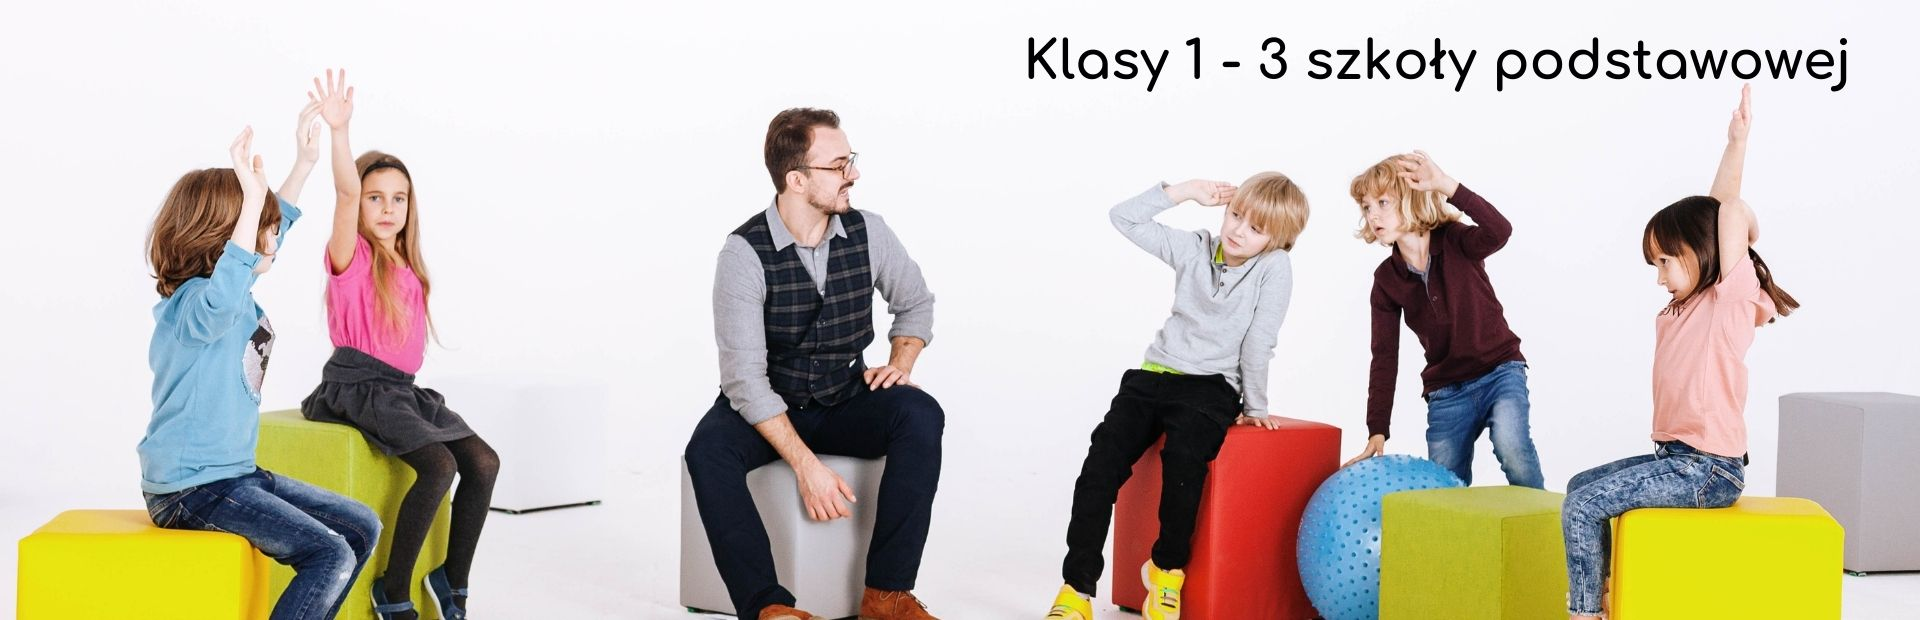 Zdjęcie wspólne dzieci klas z 1-3 wraz z prowadzącym